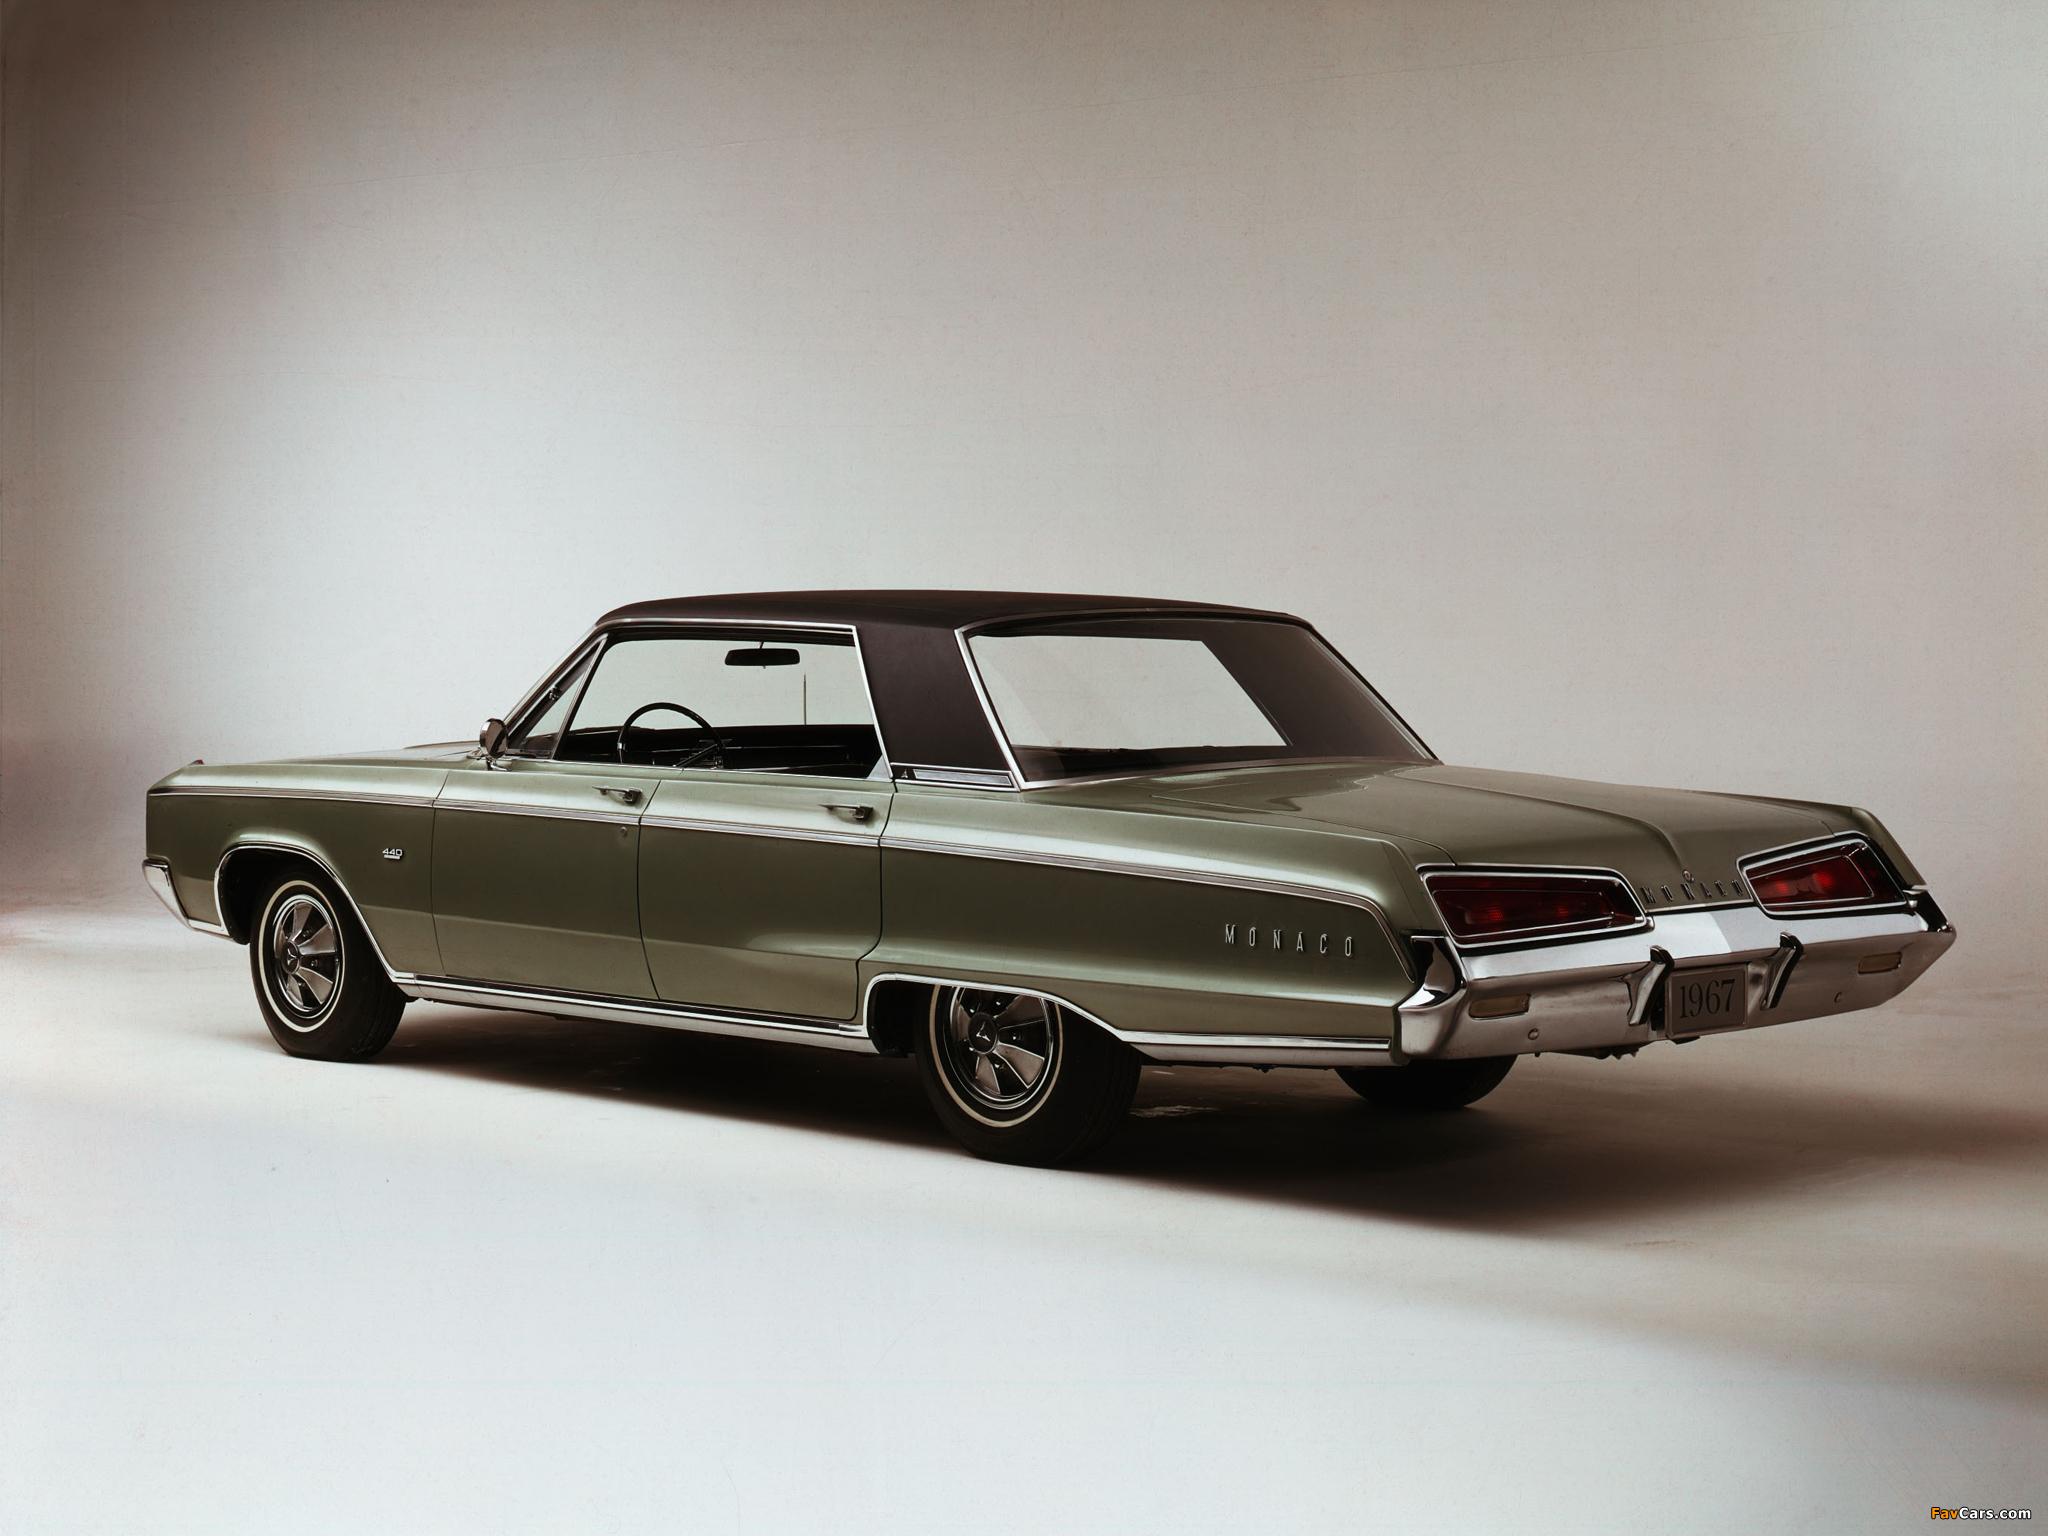 4 Door Car >> Photos of Dodge Monaco 4-door Hardtop 1967 (2048x1536)